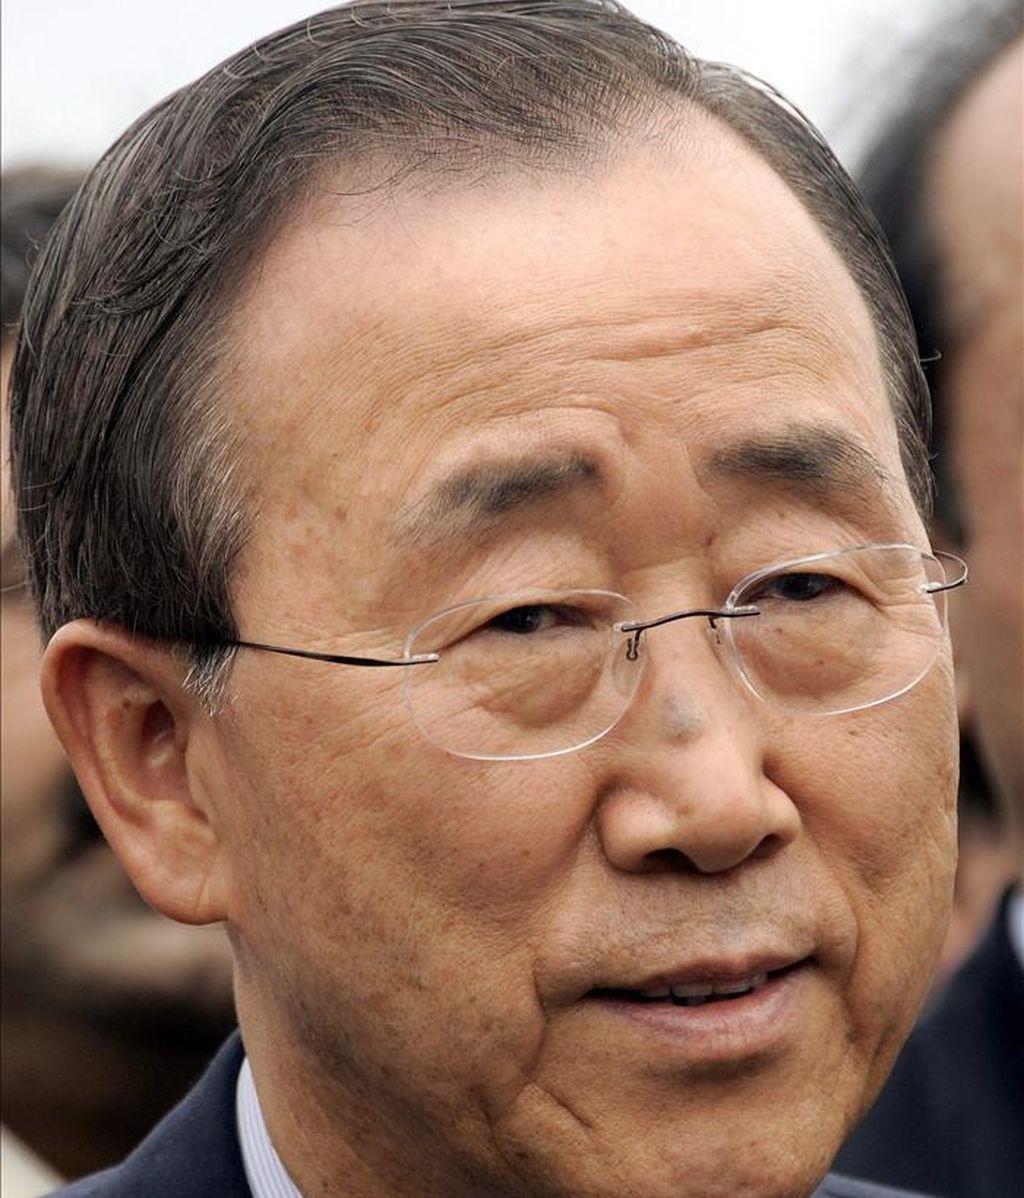 """El portavoz de la ONU, Martin Nesirky, explicó que Ban quiere hablar """"lo antes posible"""" con Ouattara para trasladarle su """"gran preocupación"""" acerca de la situación humanitaria en la que se encuentra el país africano. EFE/Archivo"""